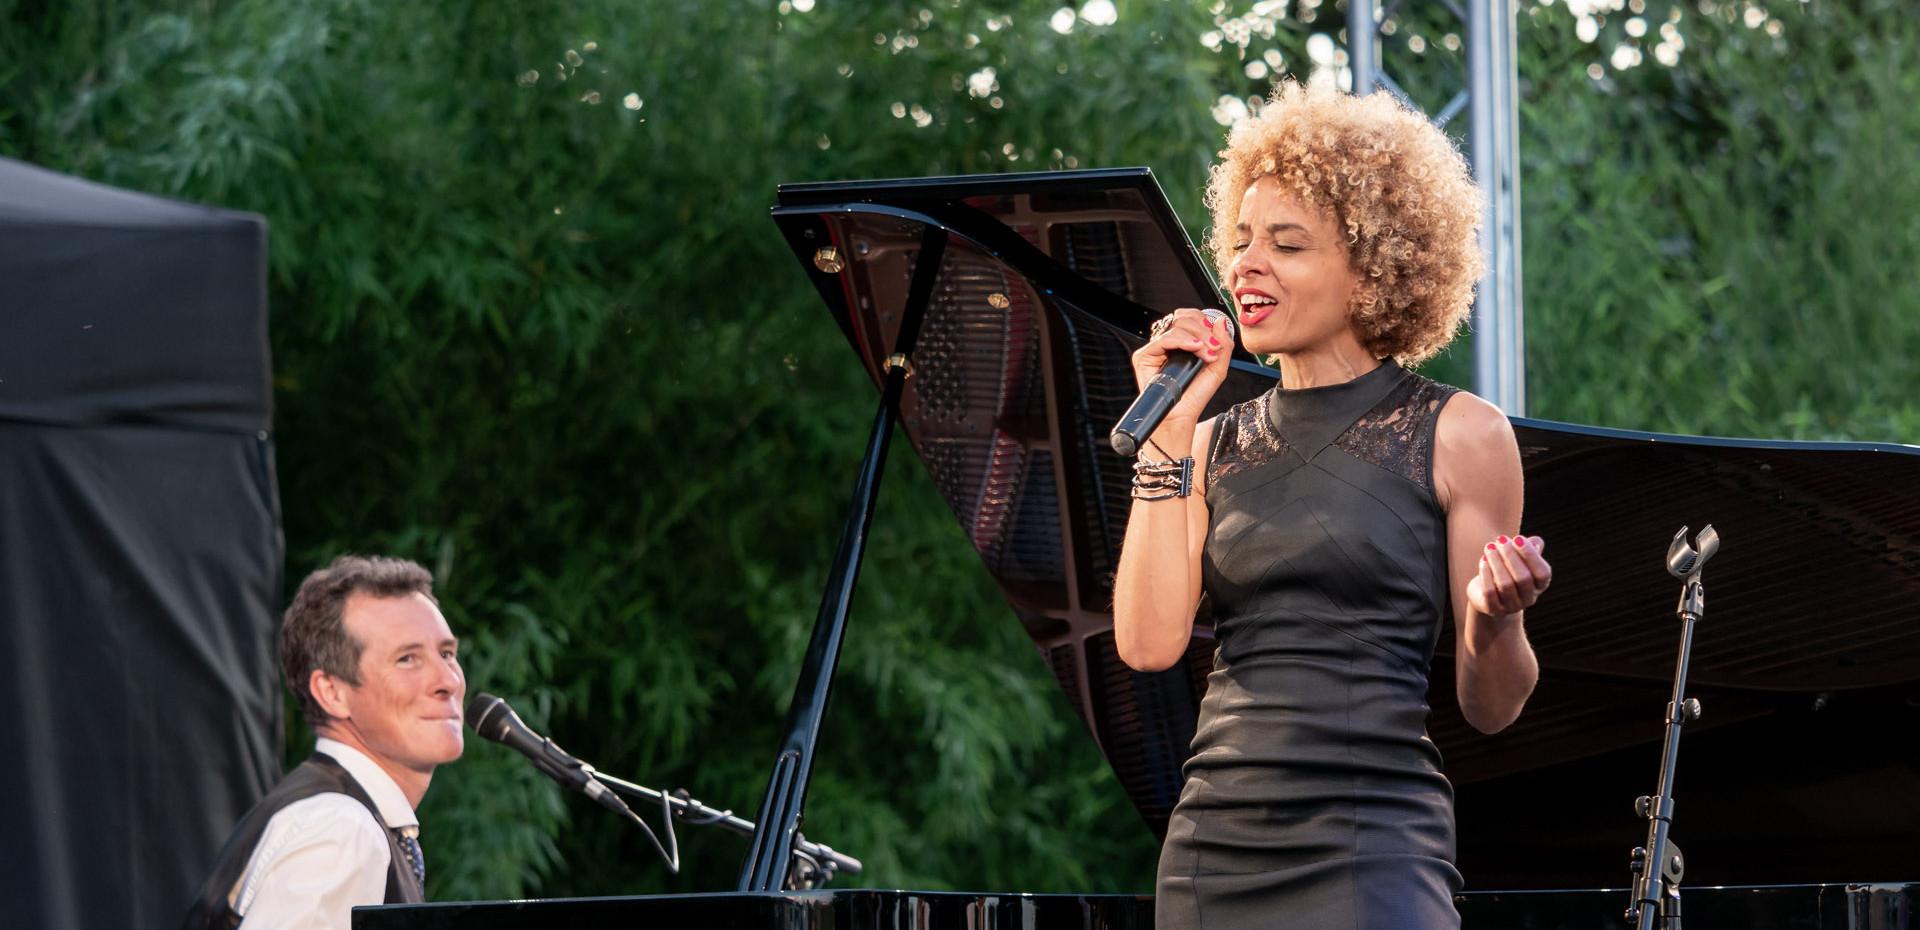 Jazz festival, Chabournay.  Sophie Thiam, David Henry. © Jochen Strobel